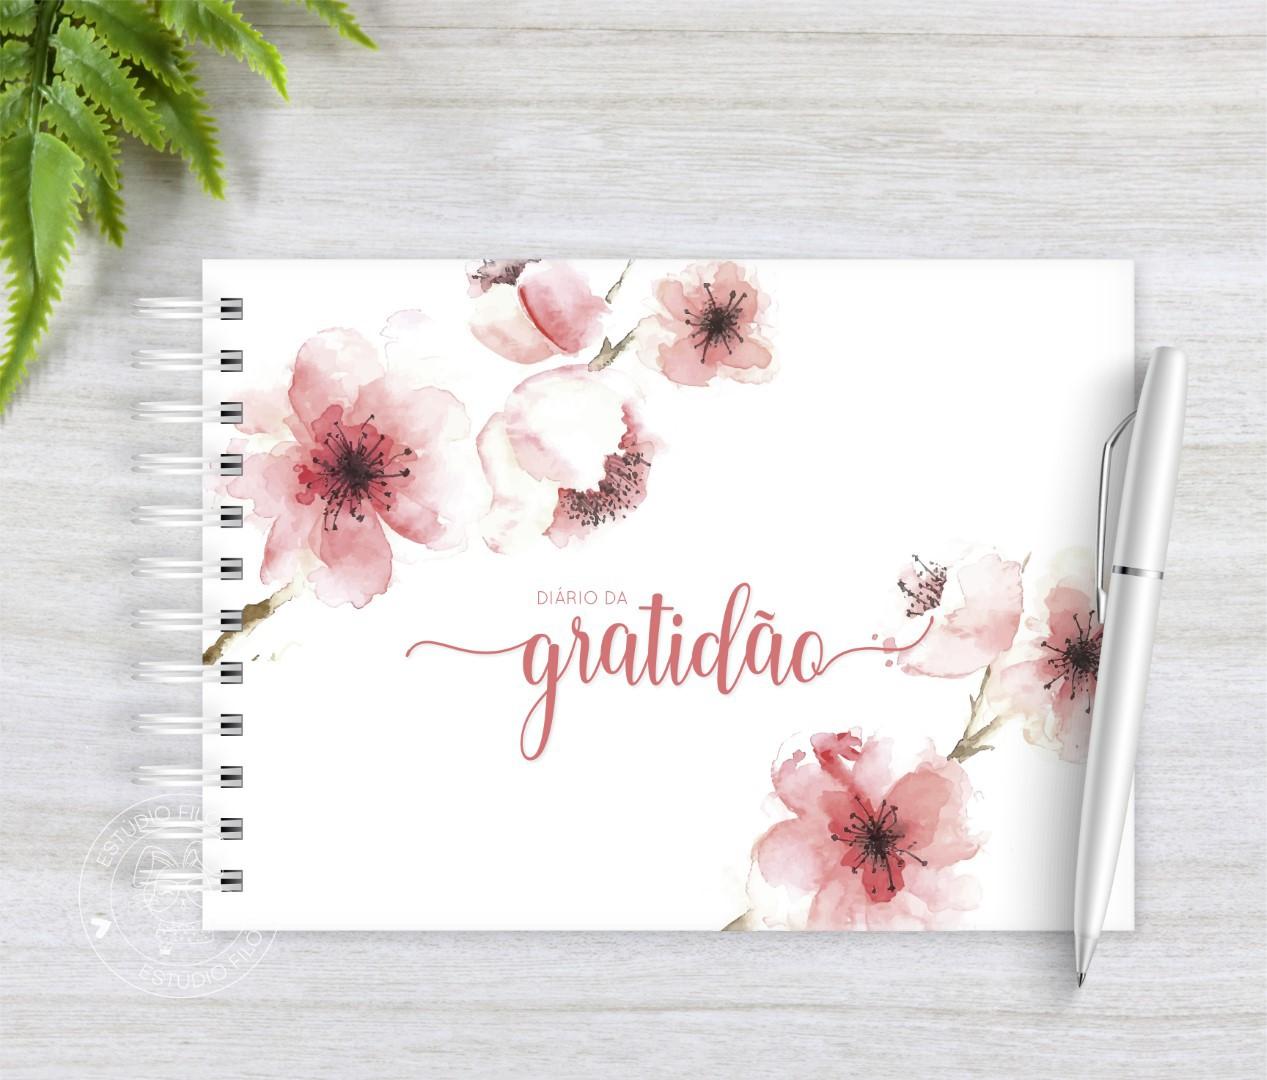 Diário da Gratidão cerejeira